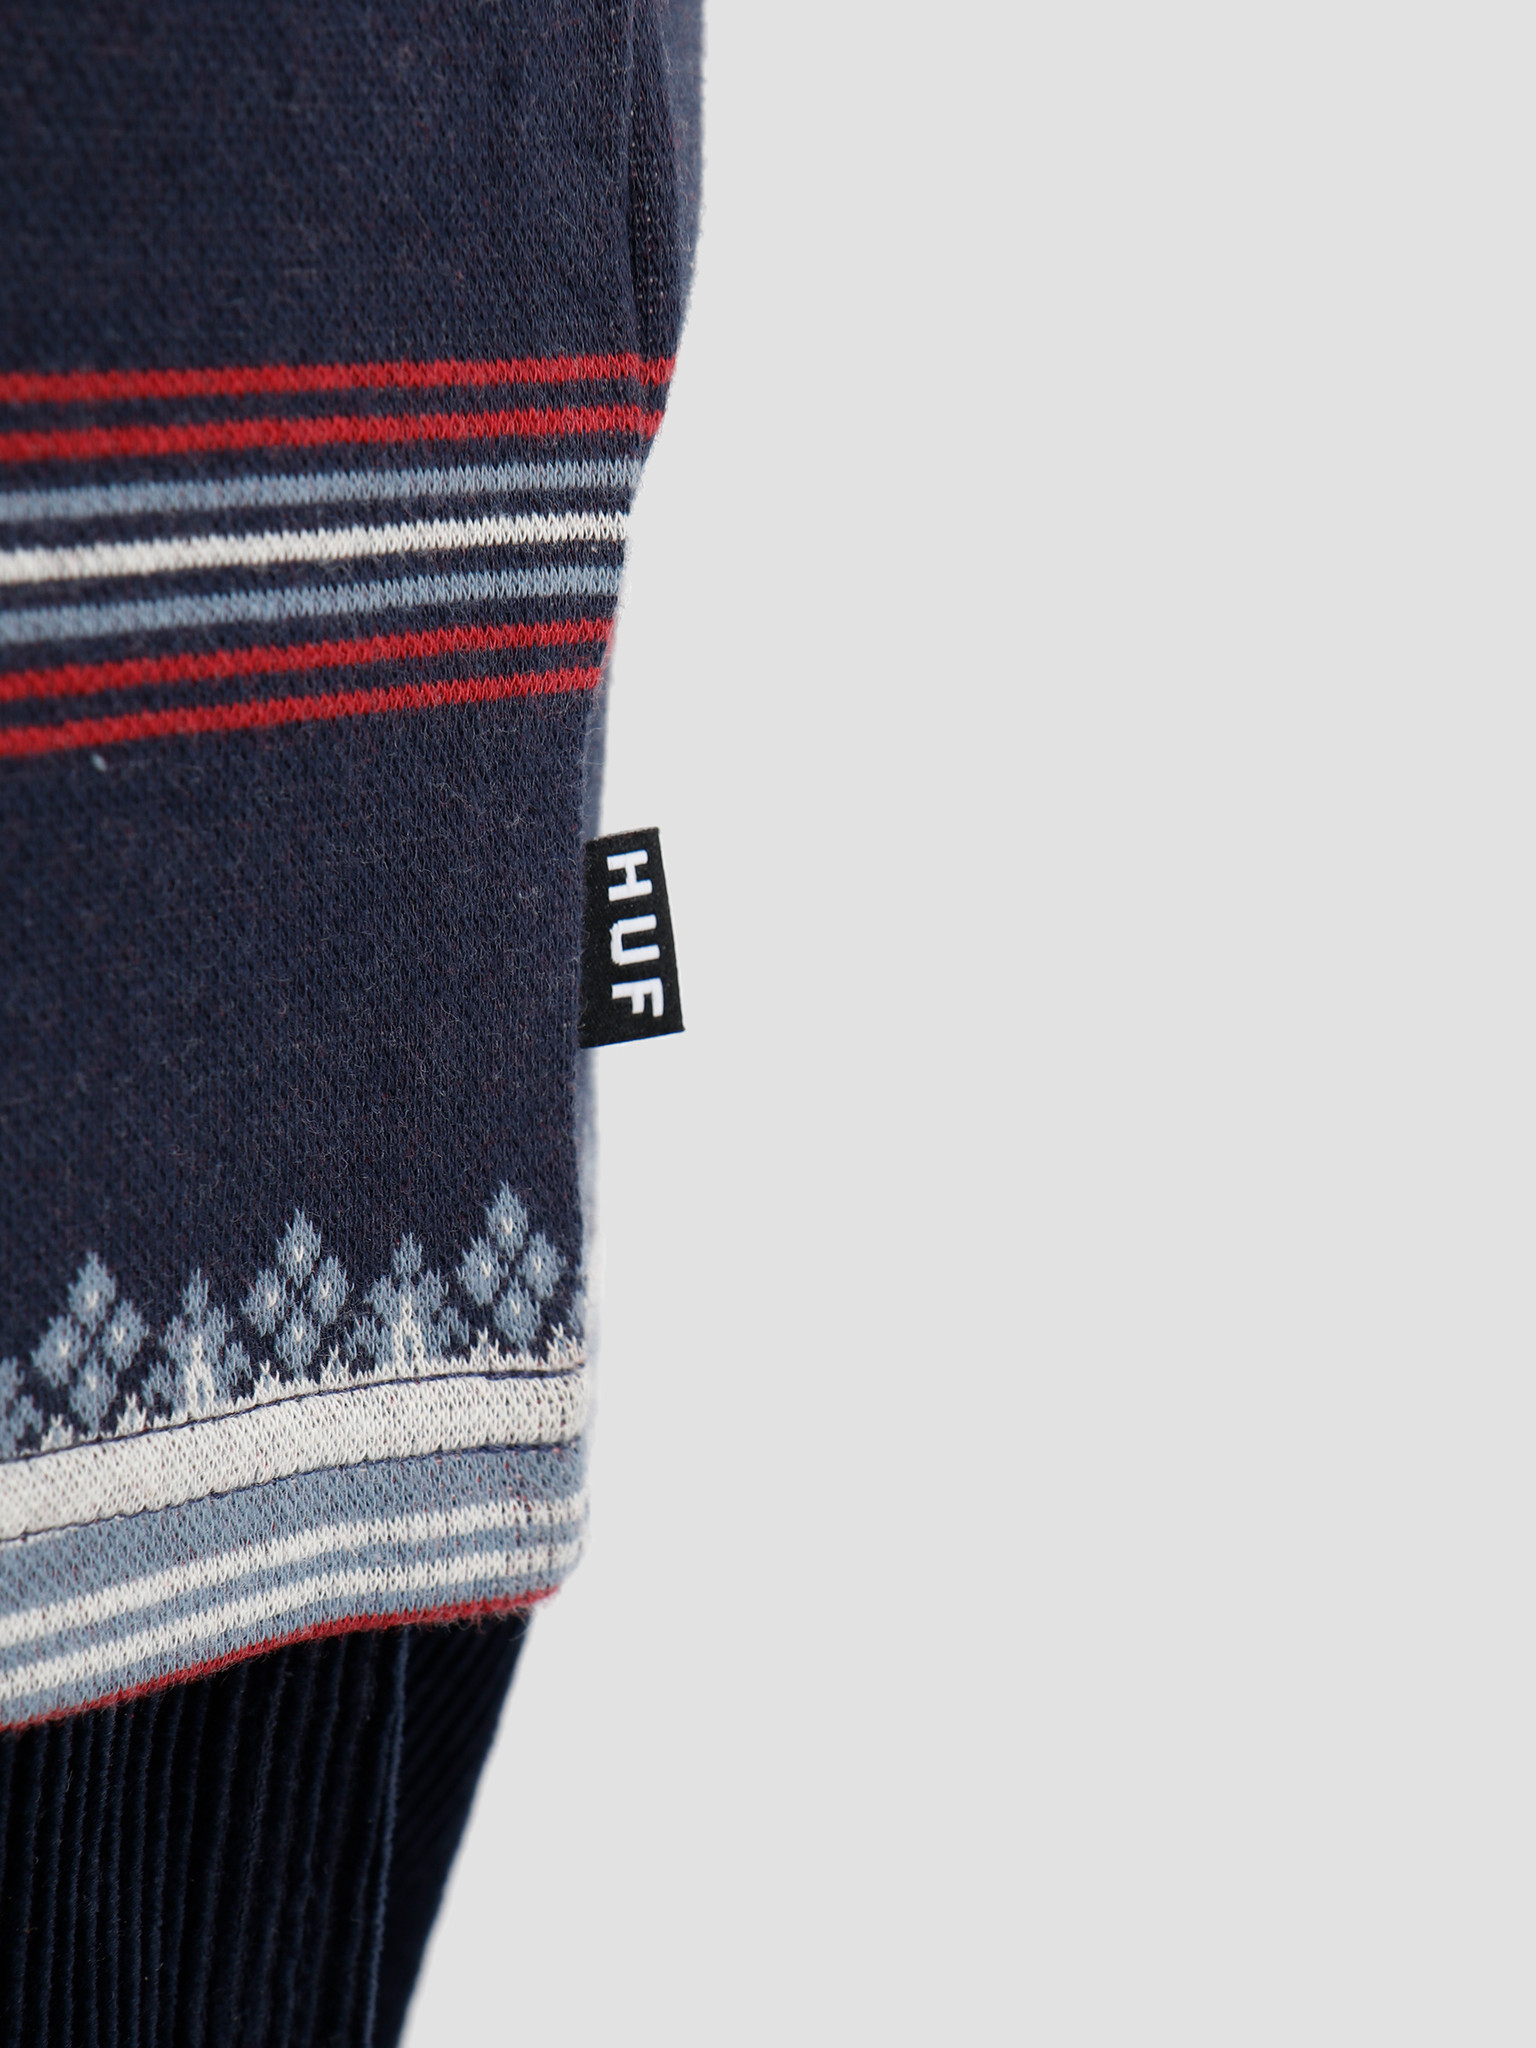 HUF HUF Hana Striped Knit Top Dark Navy KN00119-DKNAV